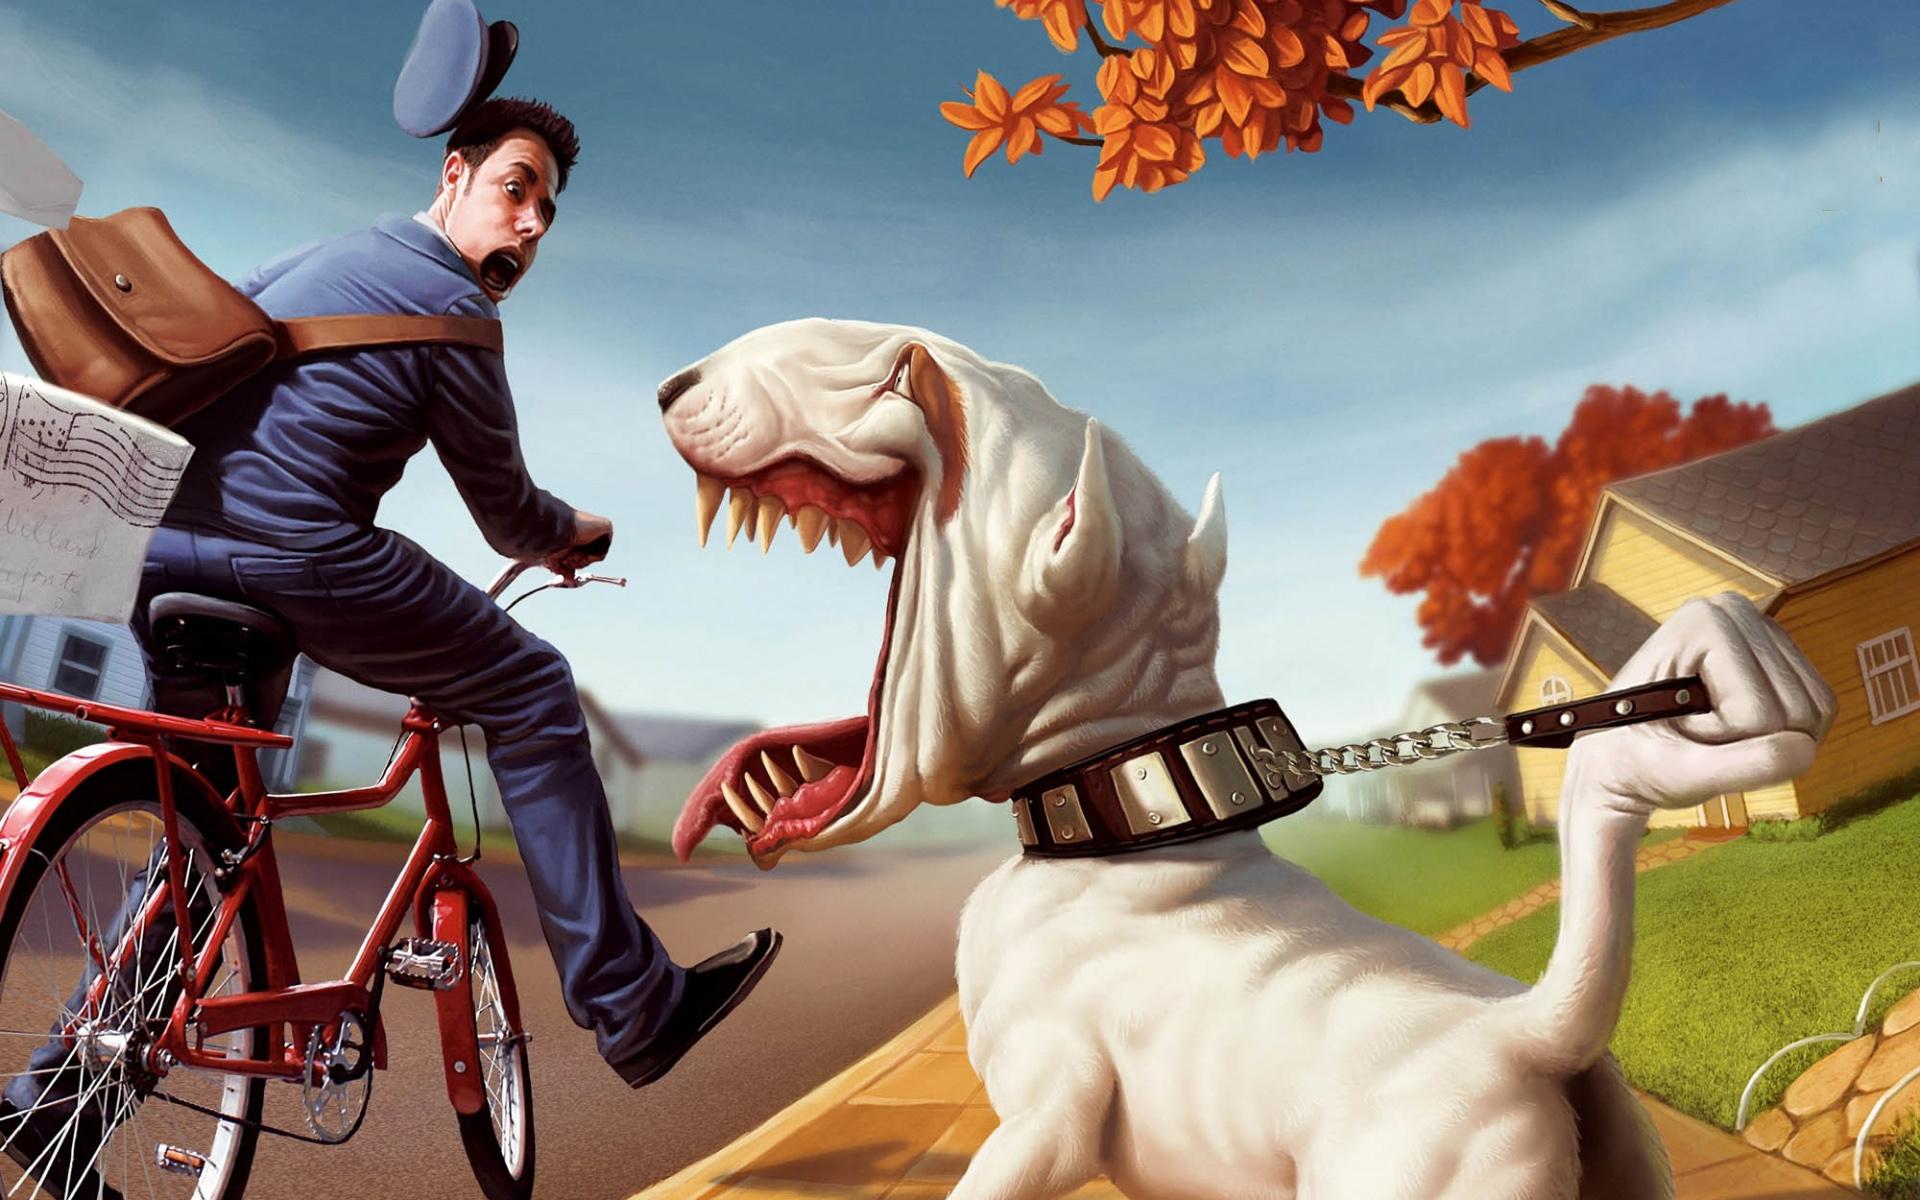 wallpaper hd muy gracioso con un perro y el cartero